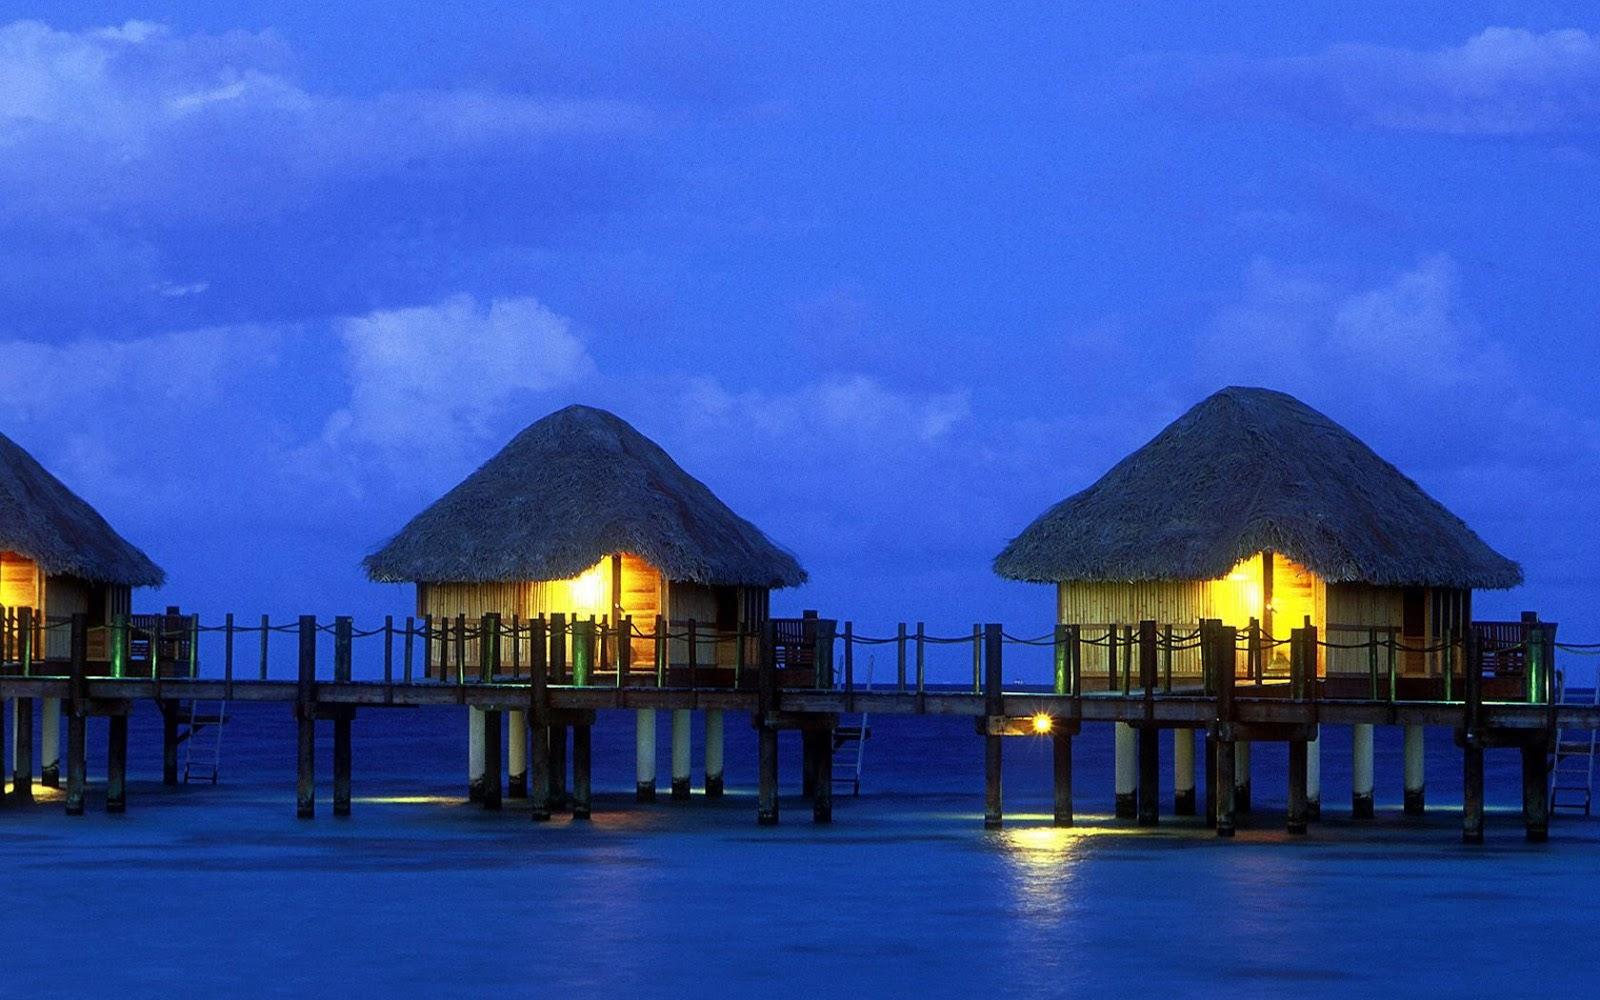 http://3.bp.blogspot.com/-Ti66xcMKa5c/UNCIykXzf7I/AAAAAAAAWsk/GereQJ1yW2s/s1600/Manihi+South+Pacific.jpg